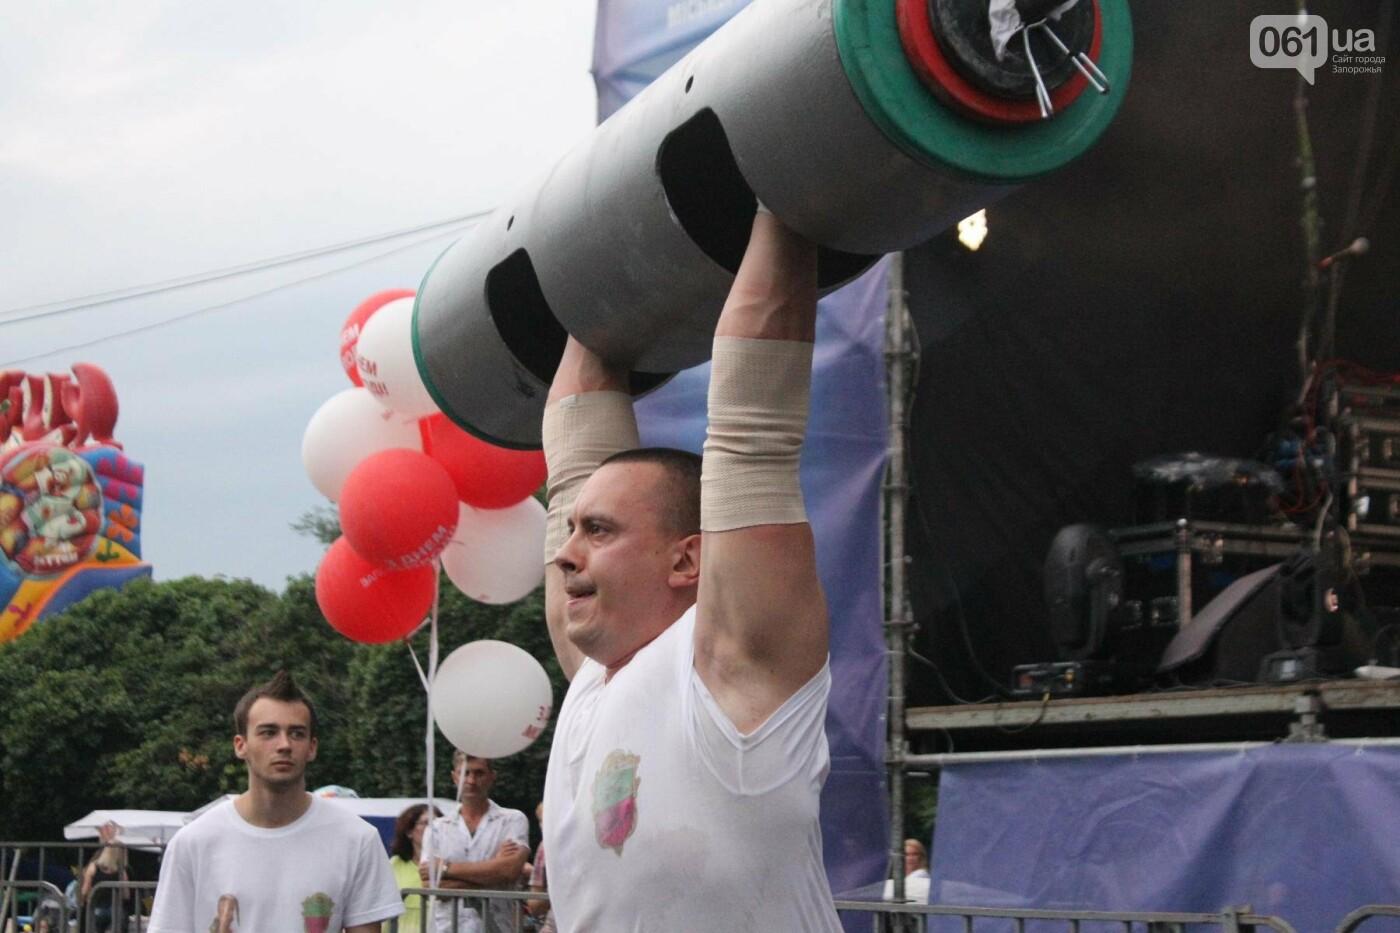 «Казацкая сила»: как в Запорожье соревновались лучшие стронгмены, – ФОТОРЕПОРТАЖ, фото-4